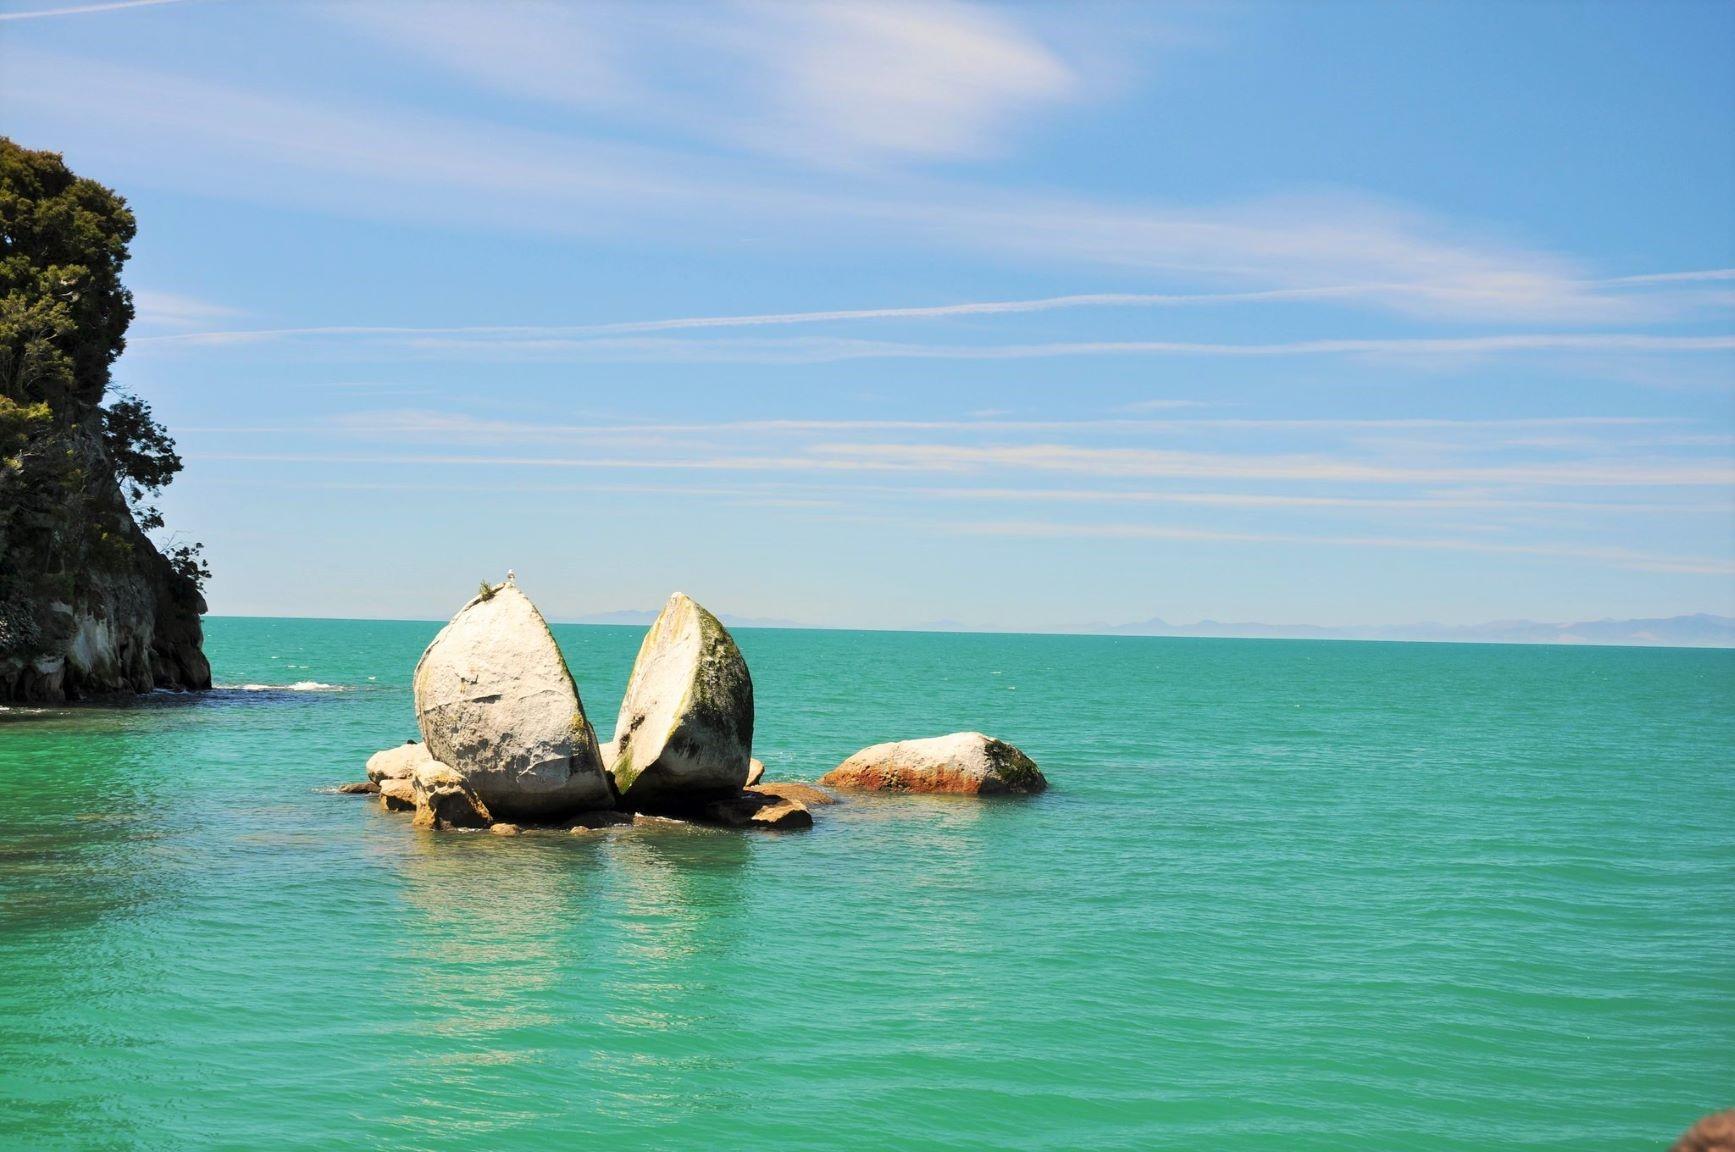 このエリアで有名な奇岩、スプリットアップルロック